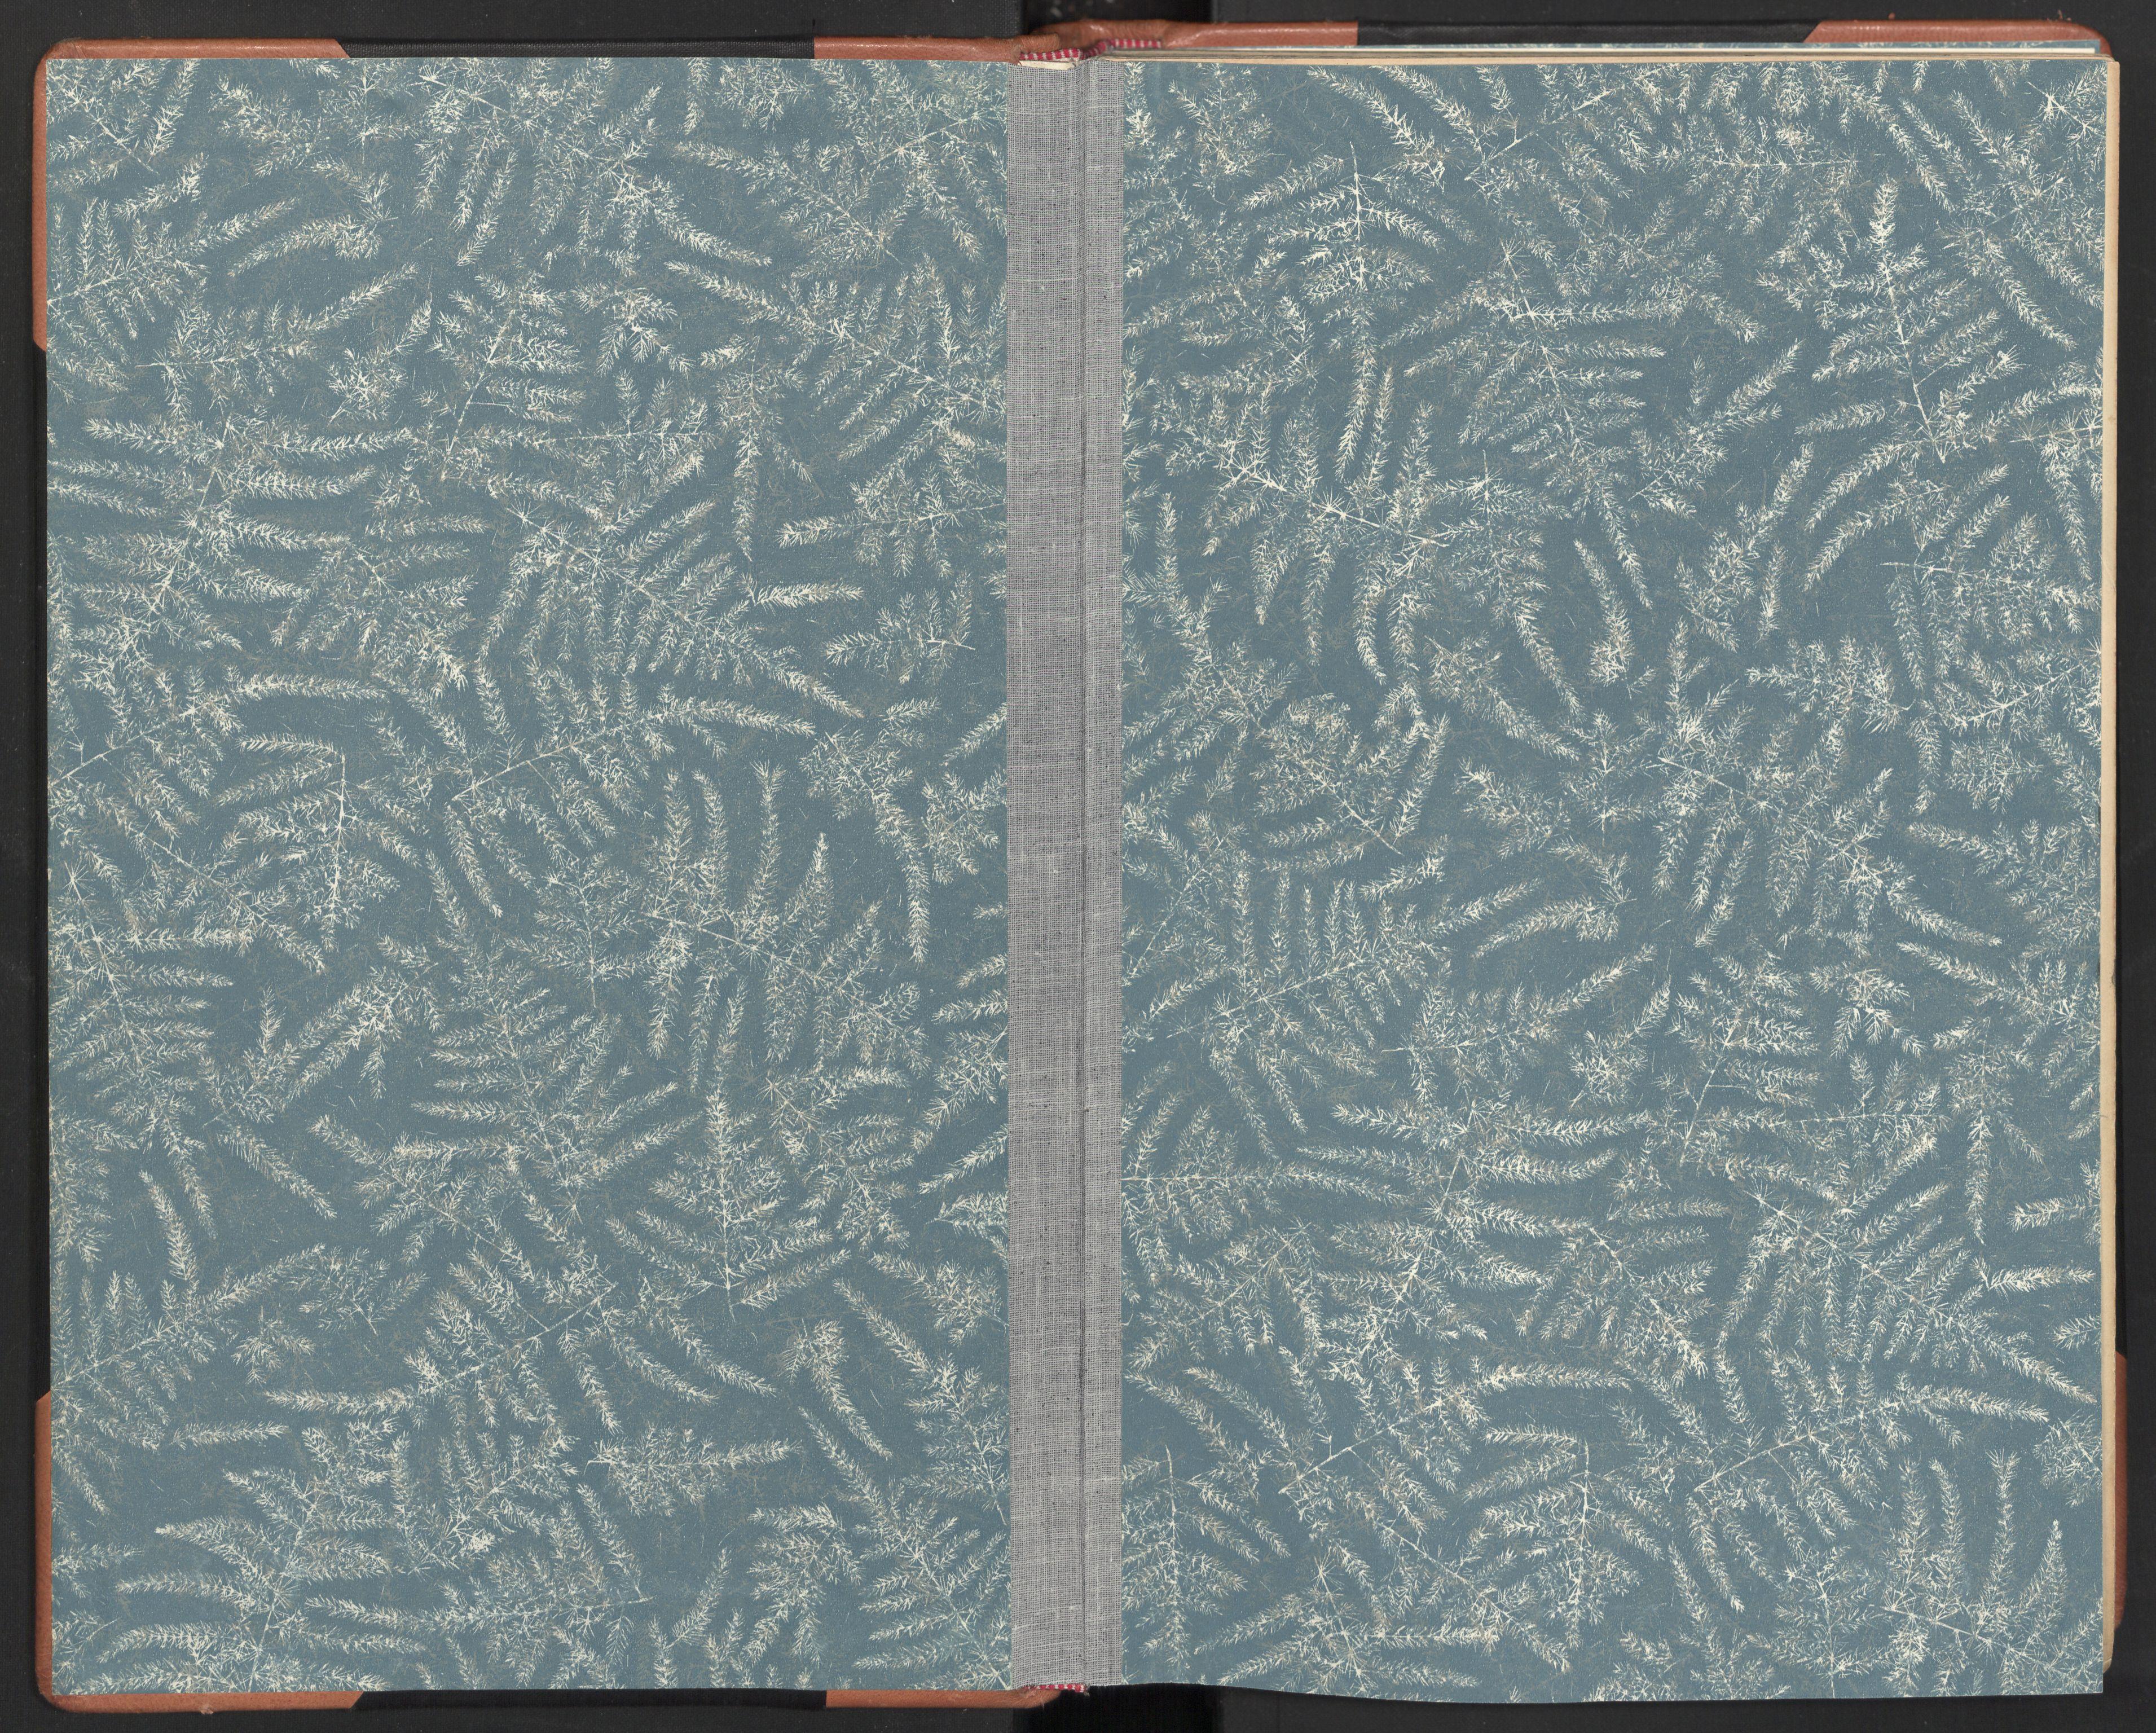 SAT, Ministerialprotokoller, klokkerbøker og fødselsregistre - Sør-Trøndelag, 605/L0246: Ministerialbok nr. 605A08, 1916-1920